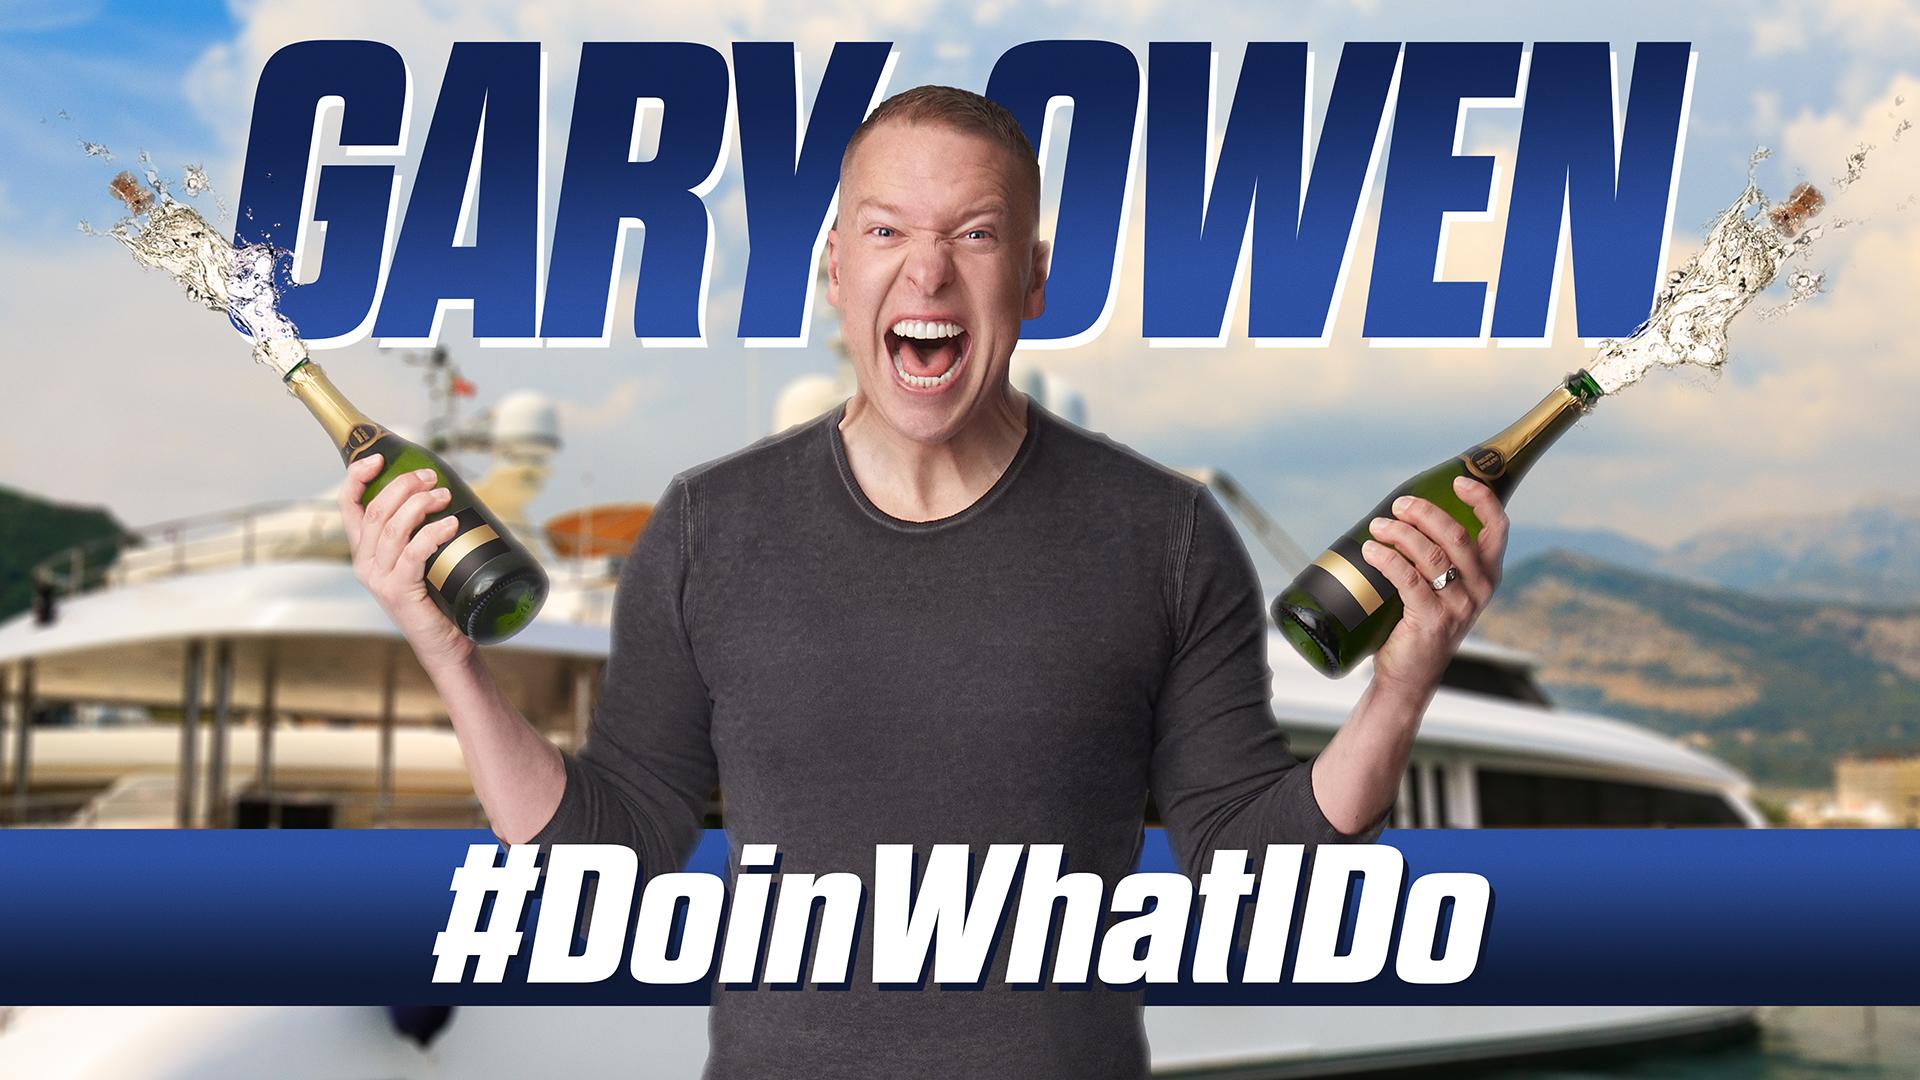 Gary Owen: #DoinWhatIDo